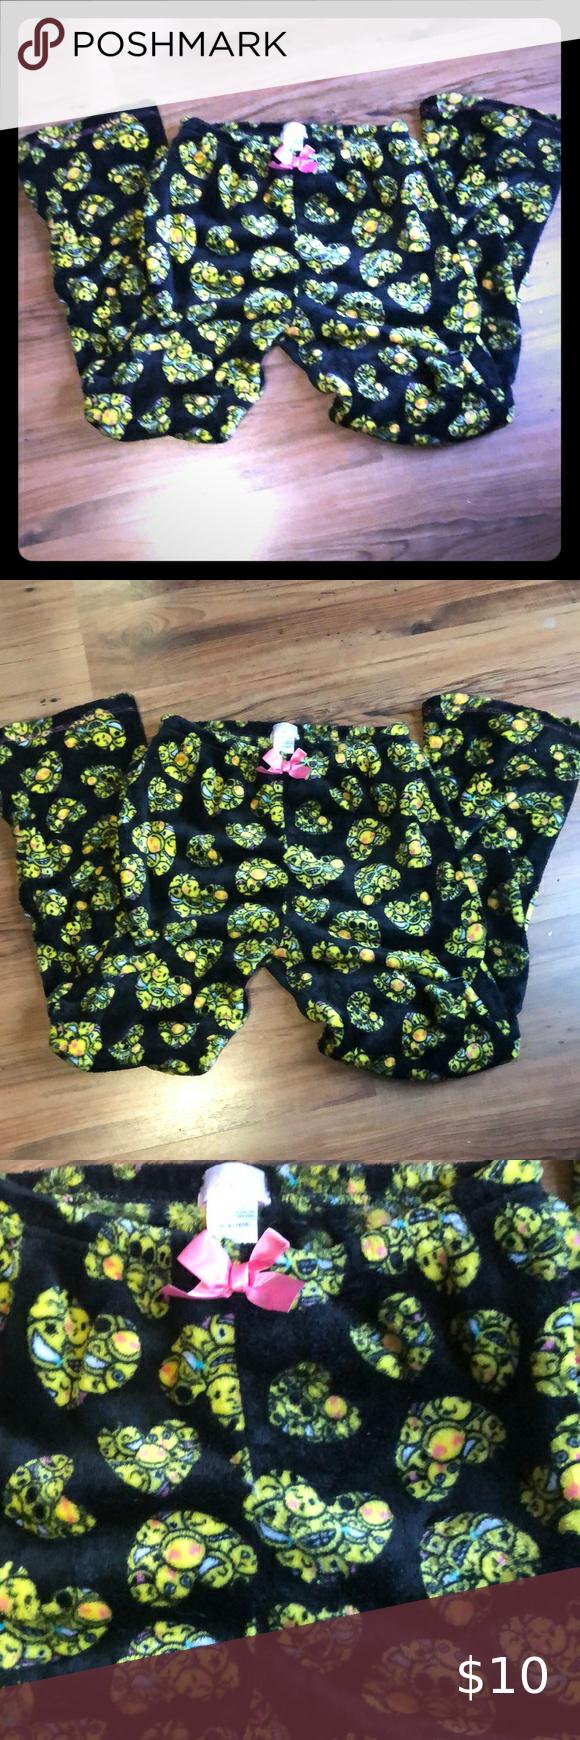 Girls Emoji Jammie Pants